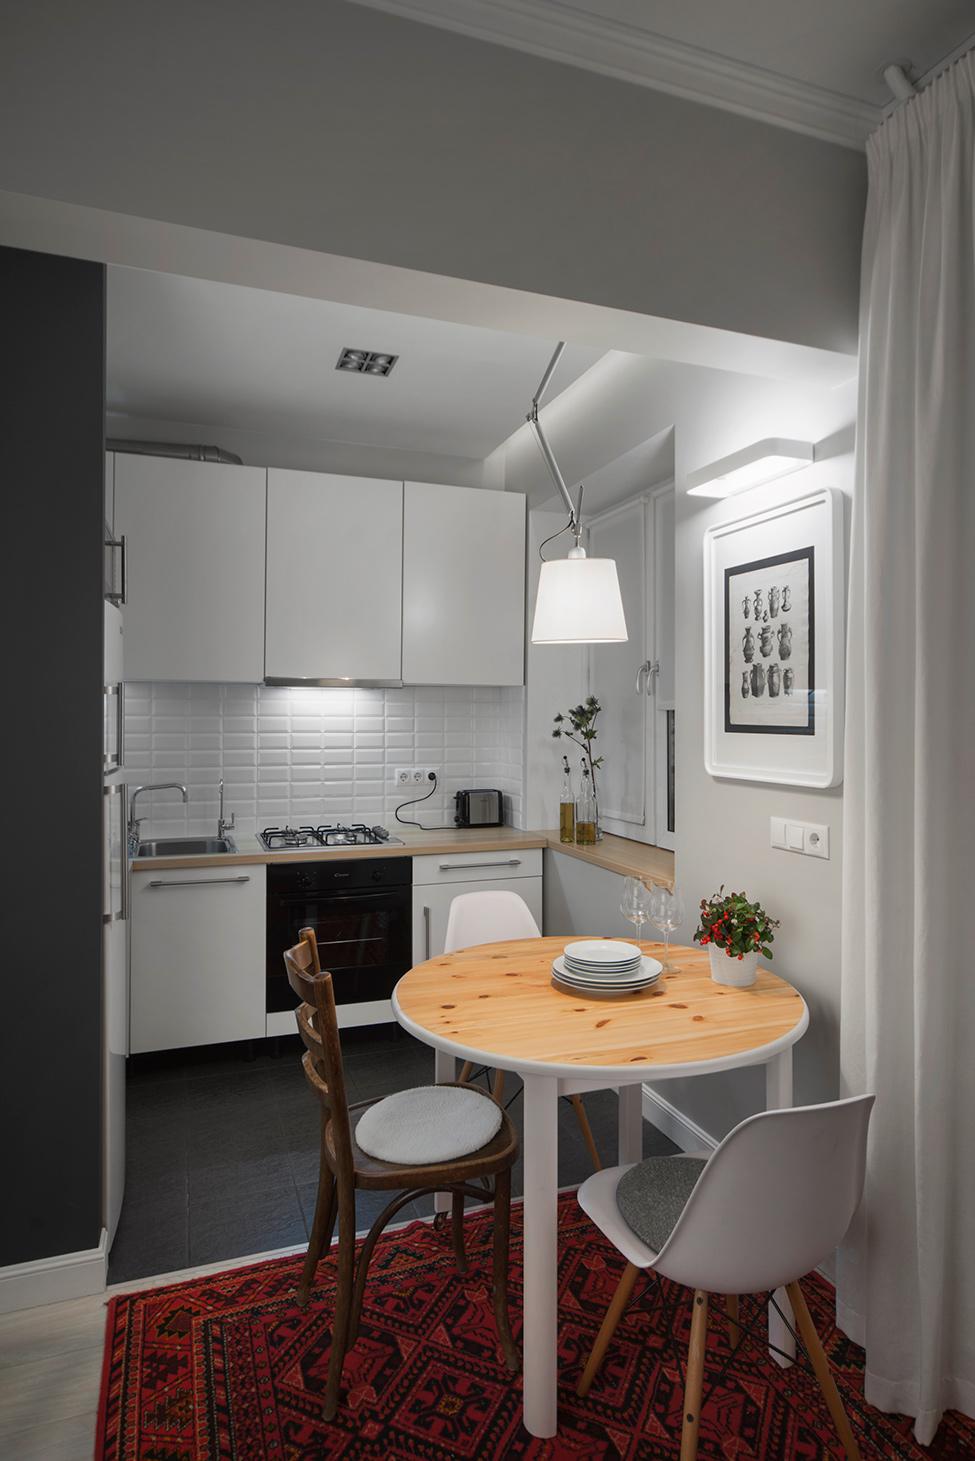 apartament-v-moskva-pokazva-miks-ot-moderen-i-retro-stil-9g